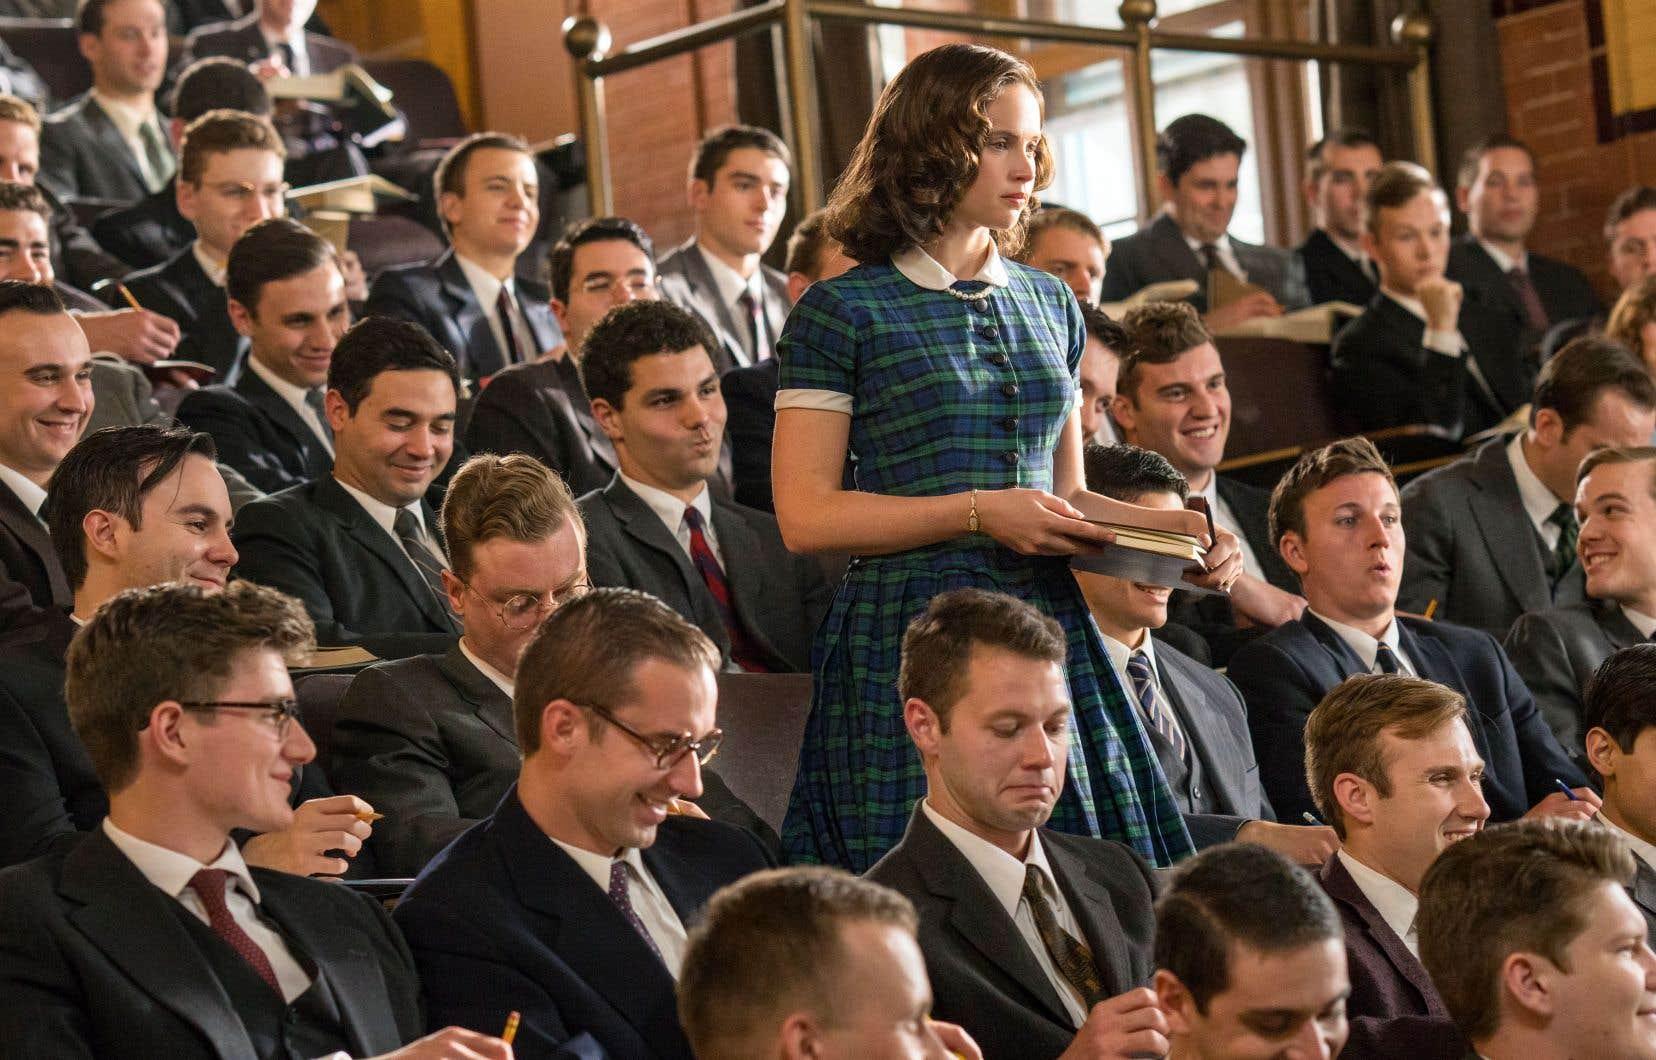 La trame débute alors que la future juge de la Cour suprême Ruth Bader Ginsburg amorce ses études à l'Université de Harvard, dont la Faculté de droit a l'apparence d'une mer d'hommes costumés.